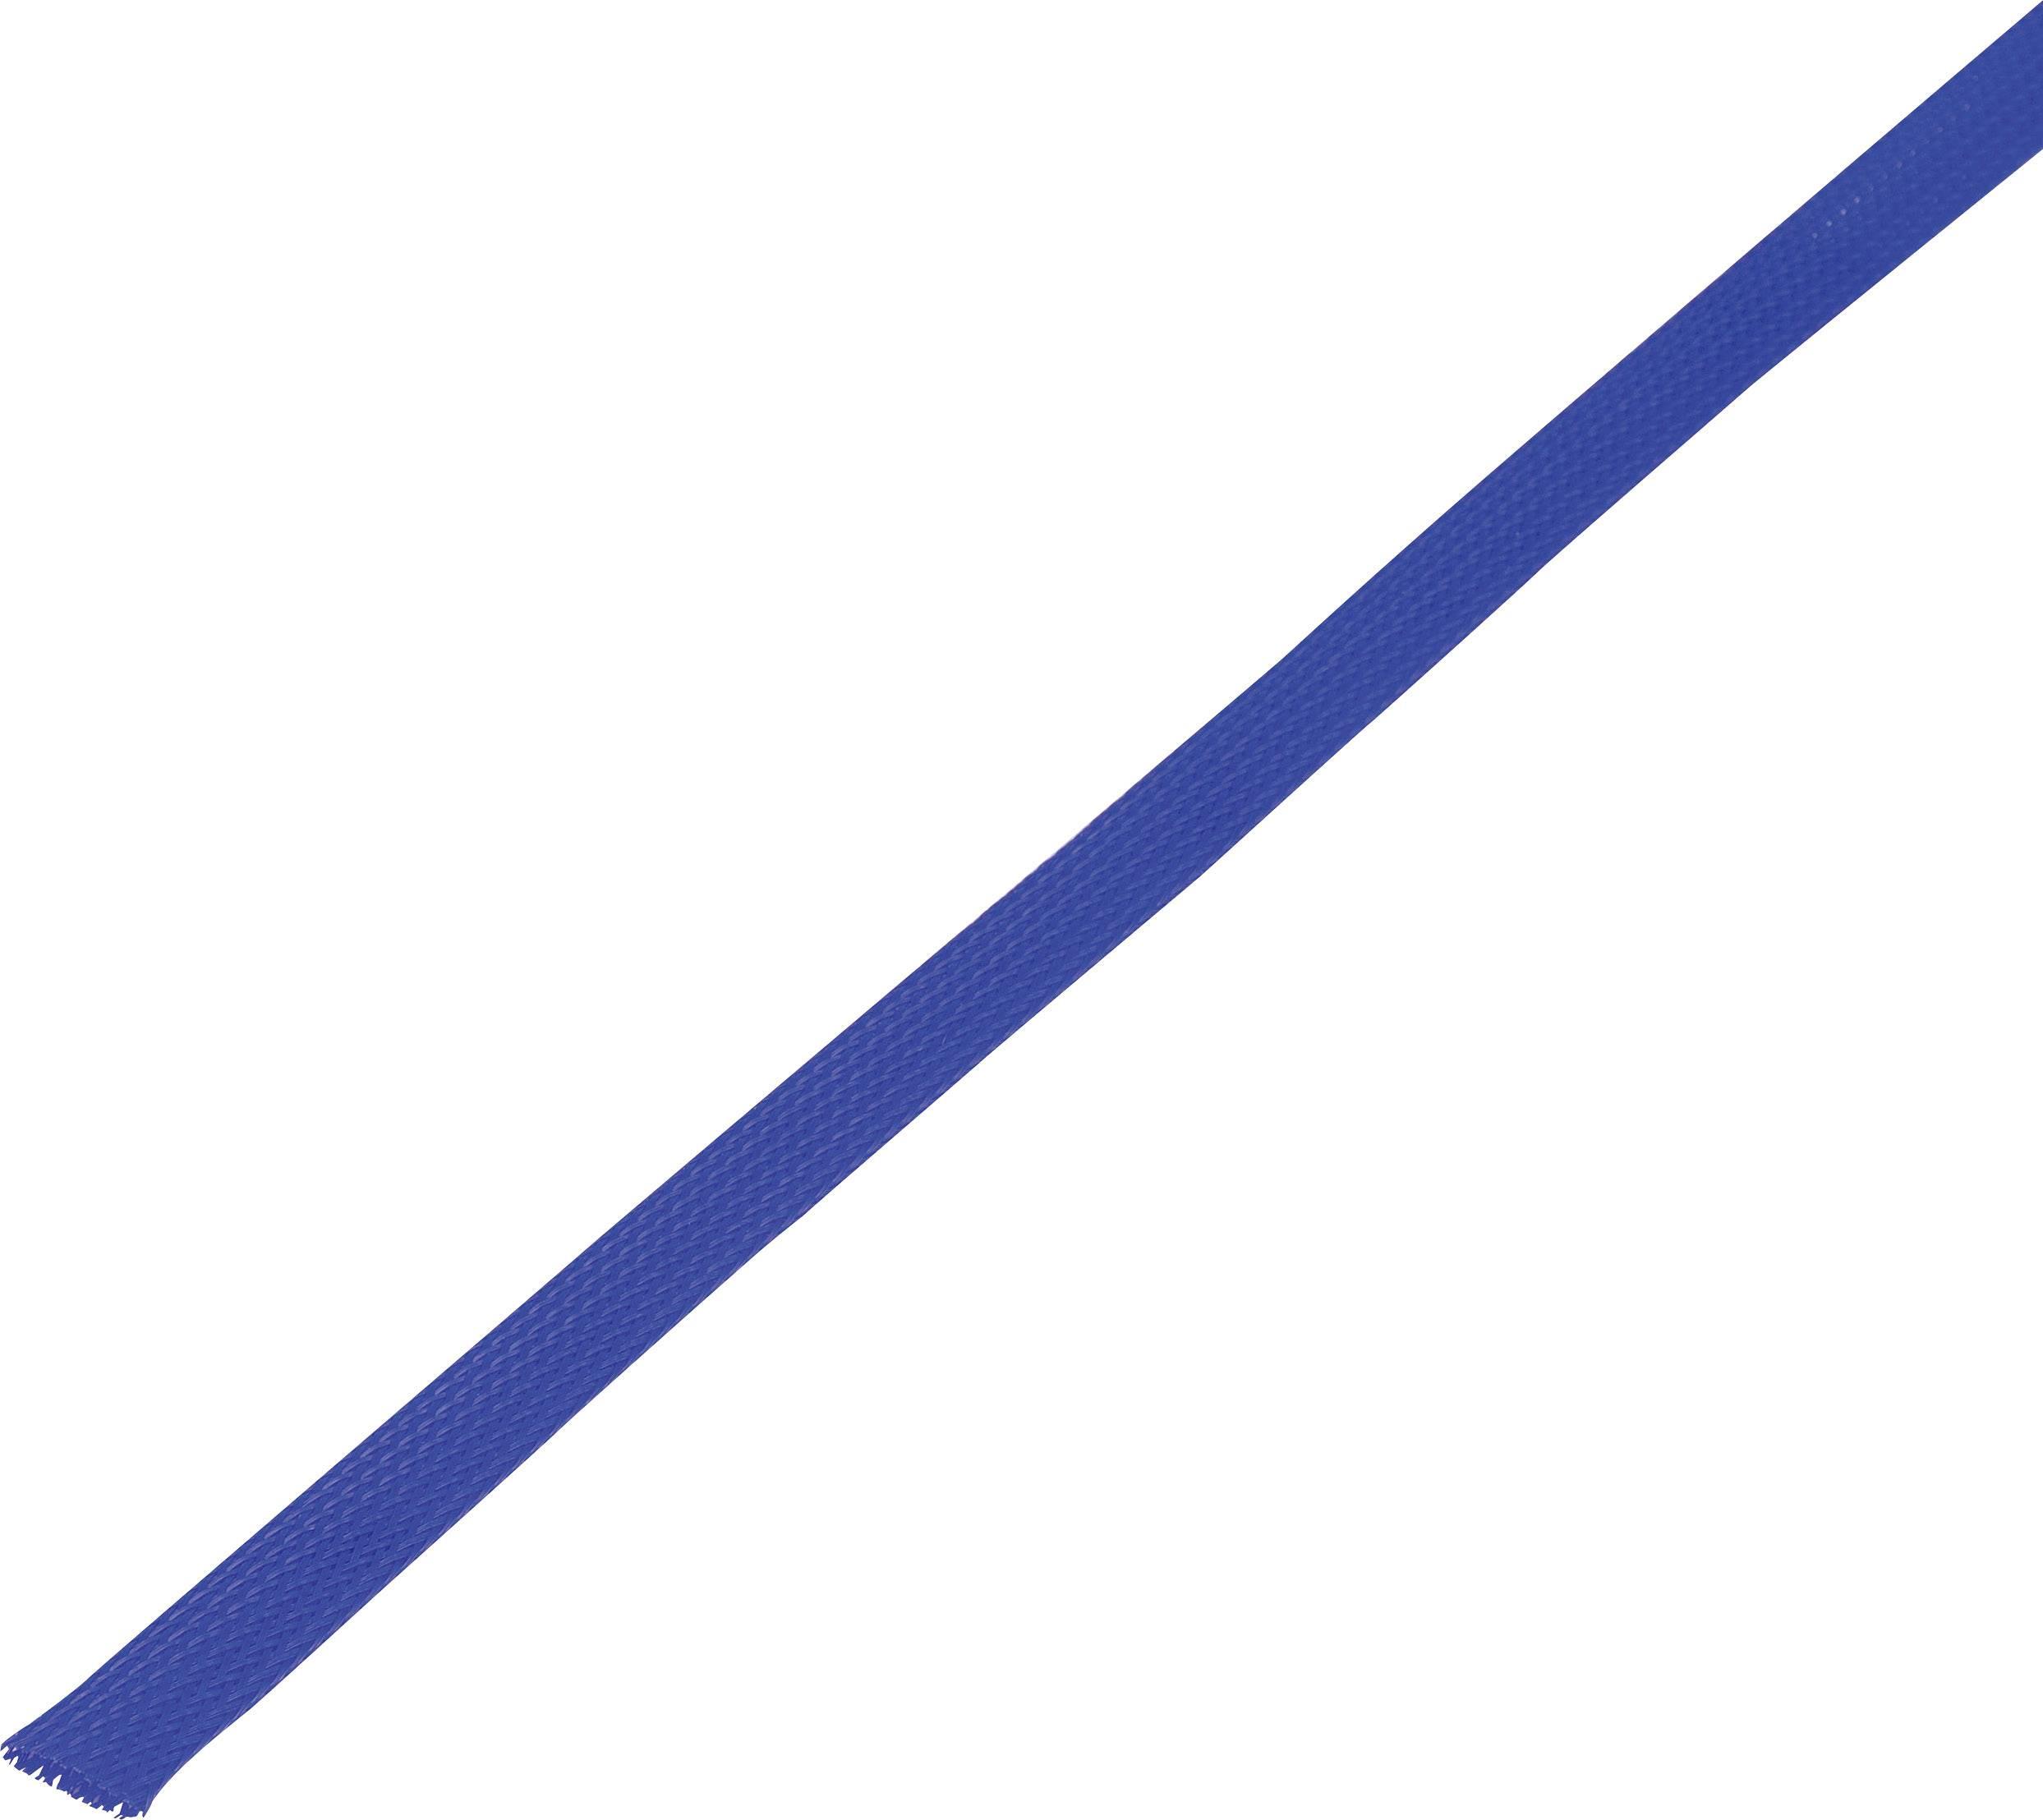 Ochranné opletenie CBBOX0814-BL Ø zväzku: 8 - 14 mm modrá 10 m